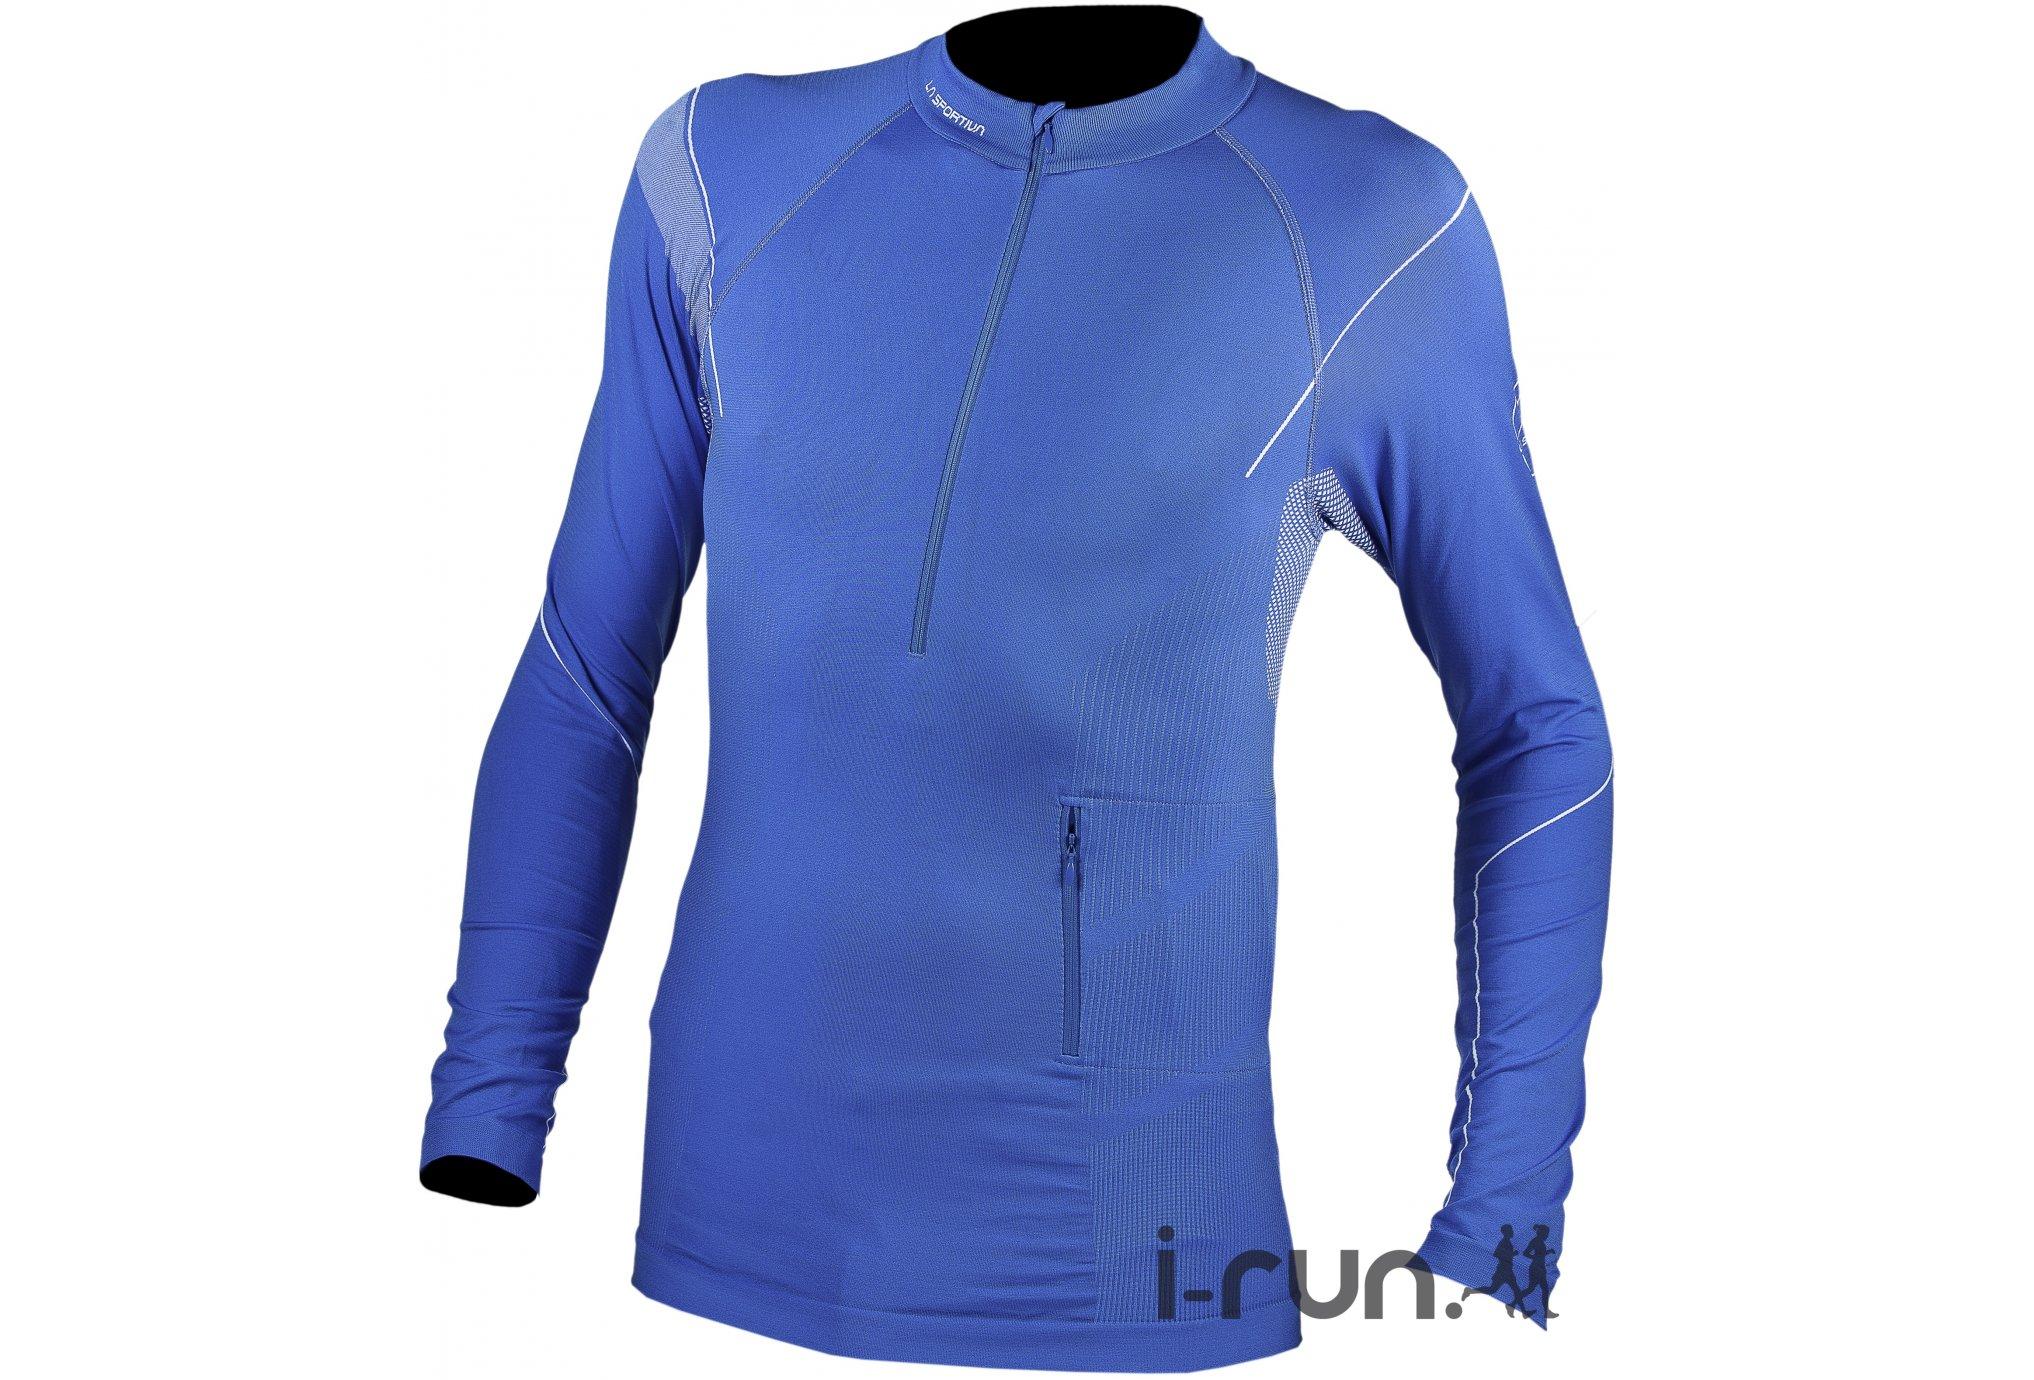 La Sportiva Tee-shirt Atmosphère M Diététique Vêtements homme